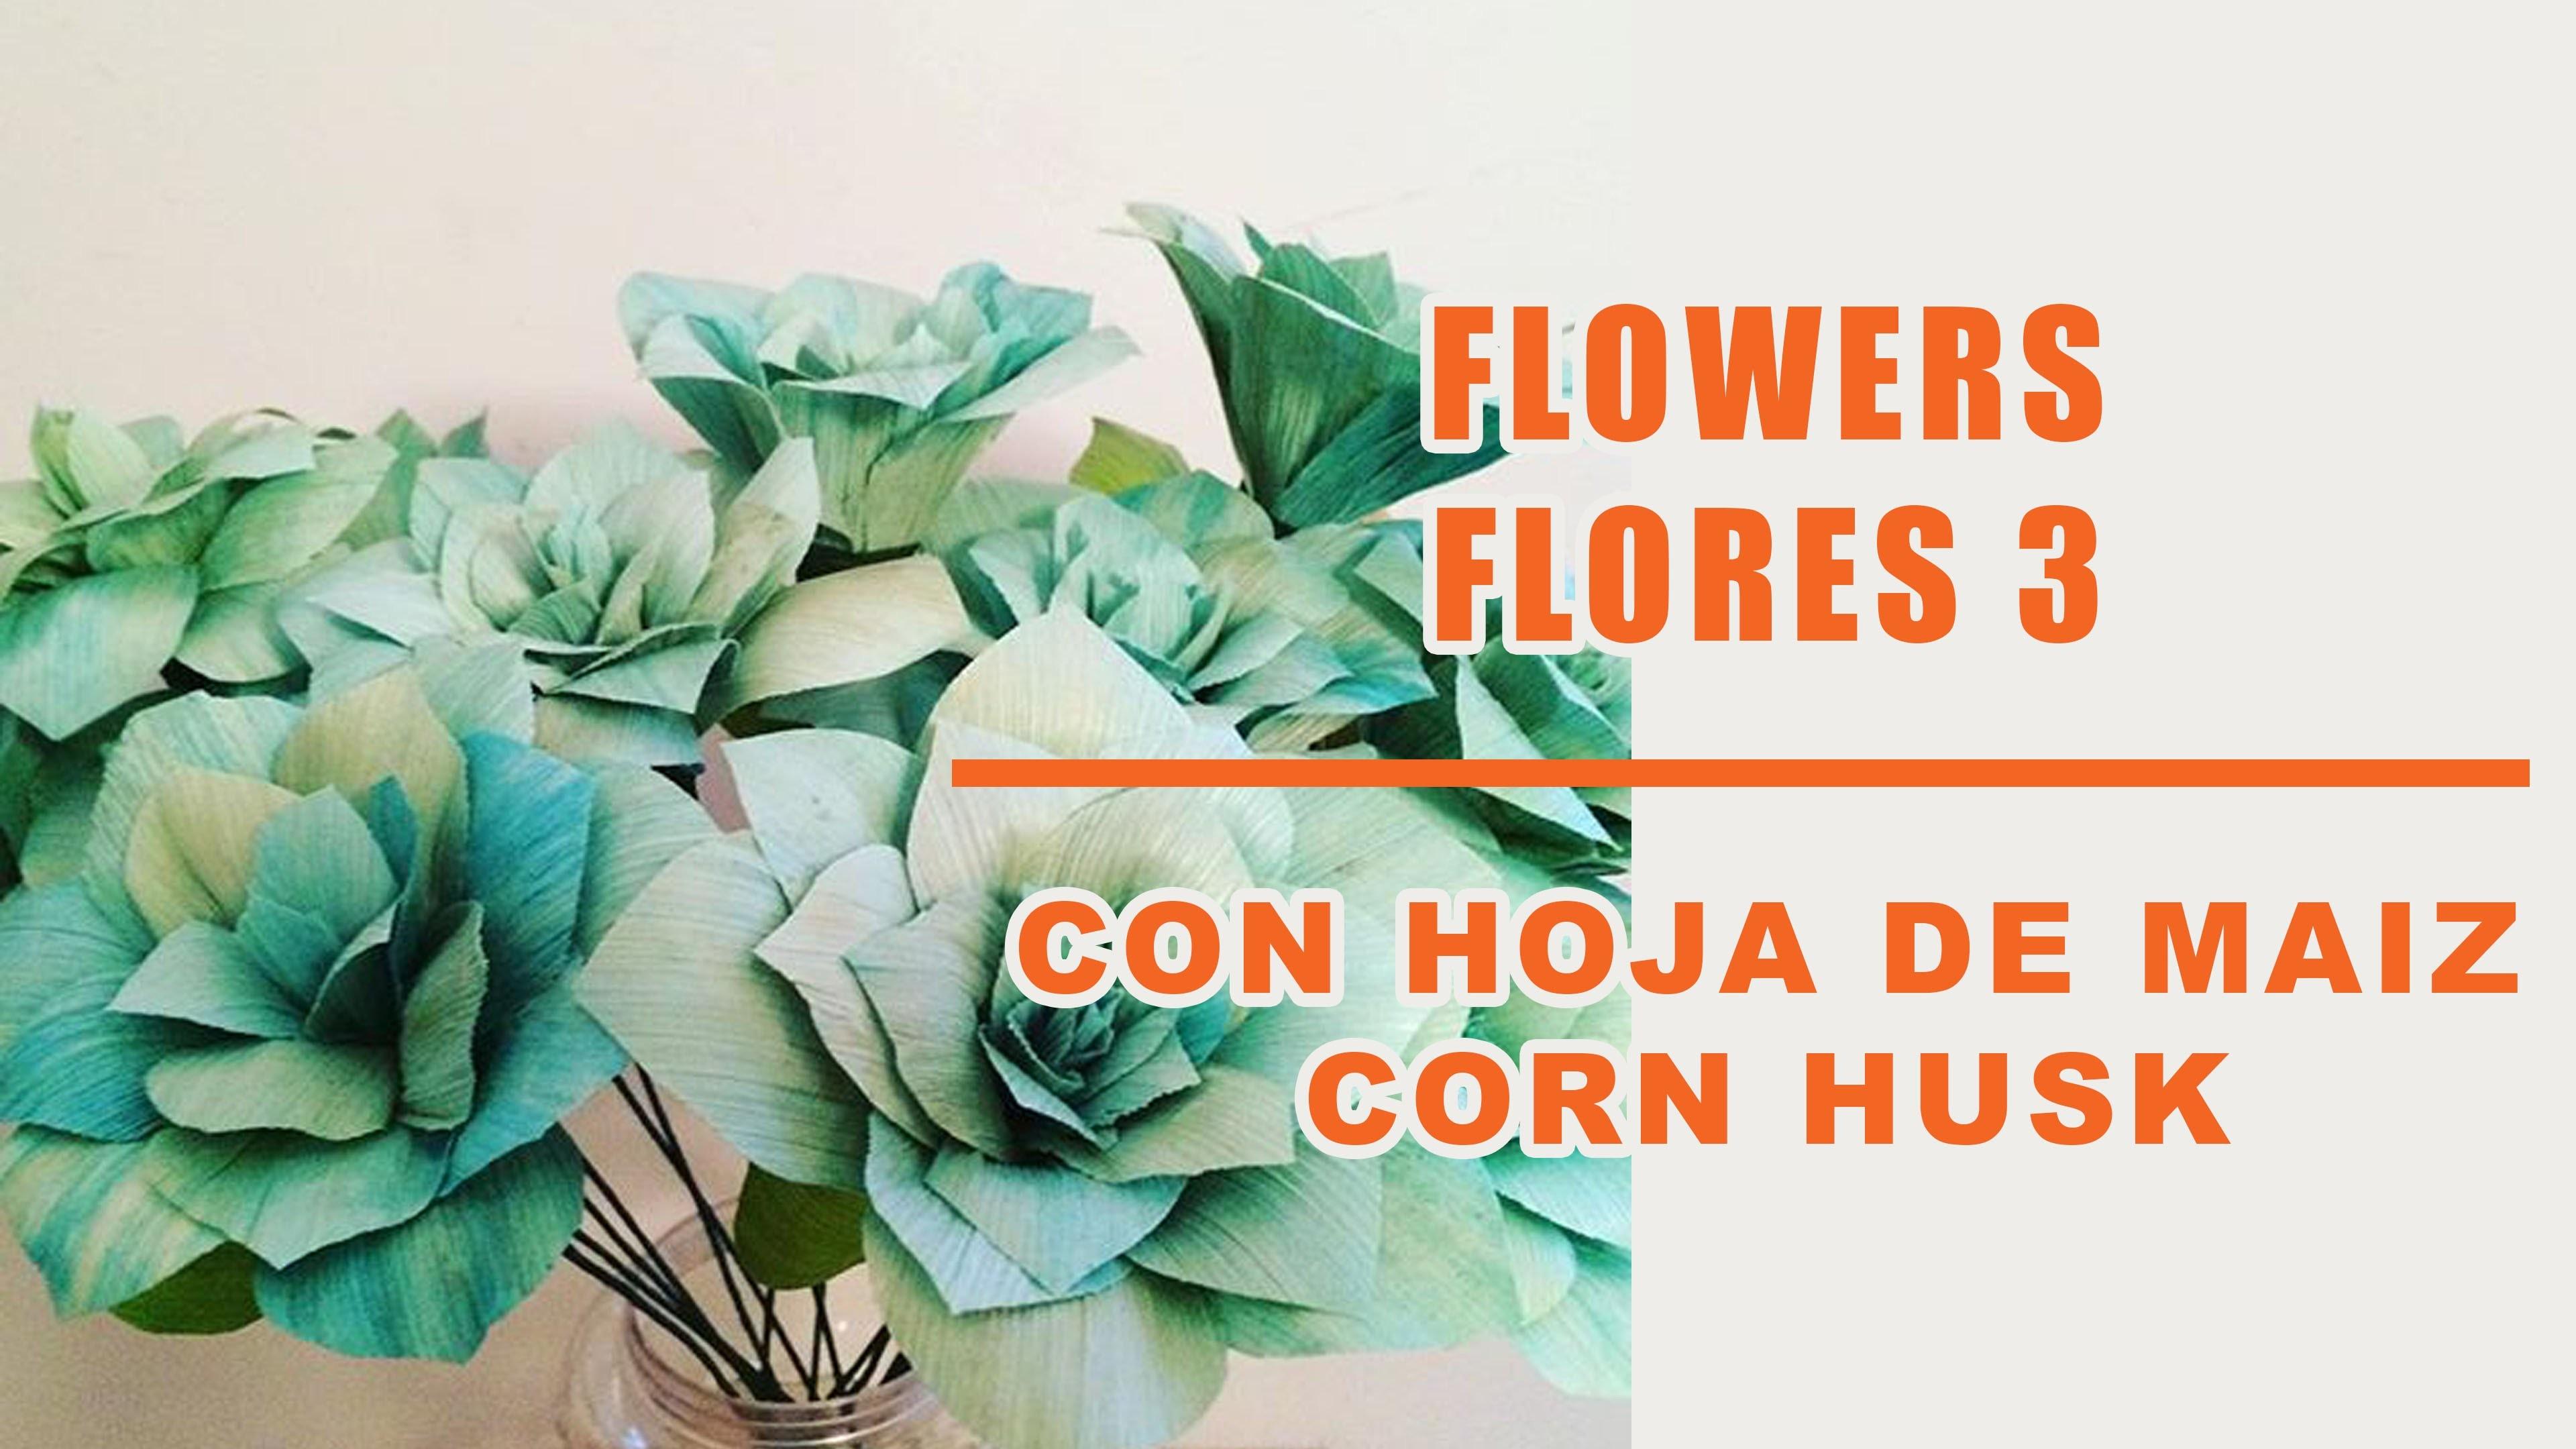 Muñecas y flores de hoja de maiz 3.Corn husk dolls & flowers. hojas de totomoxtle